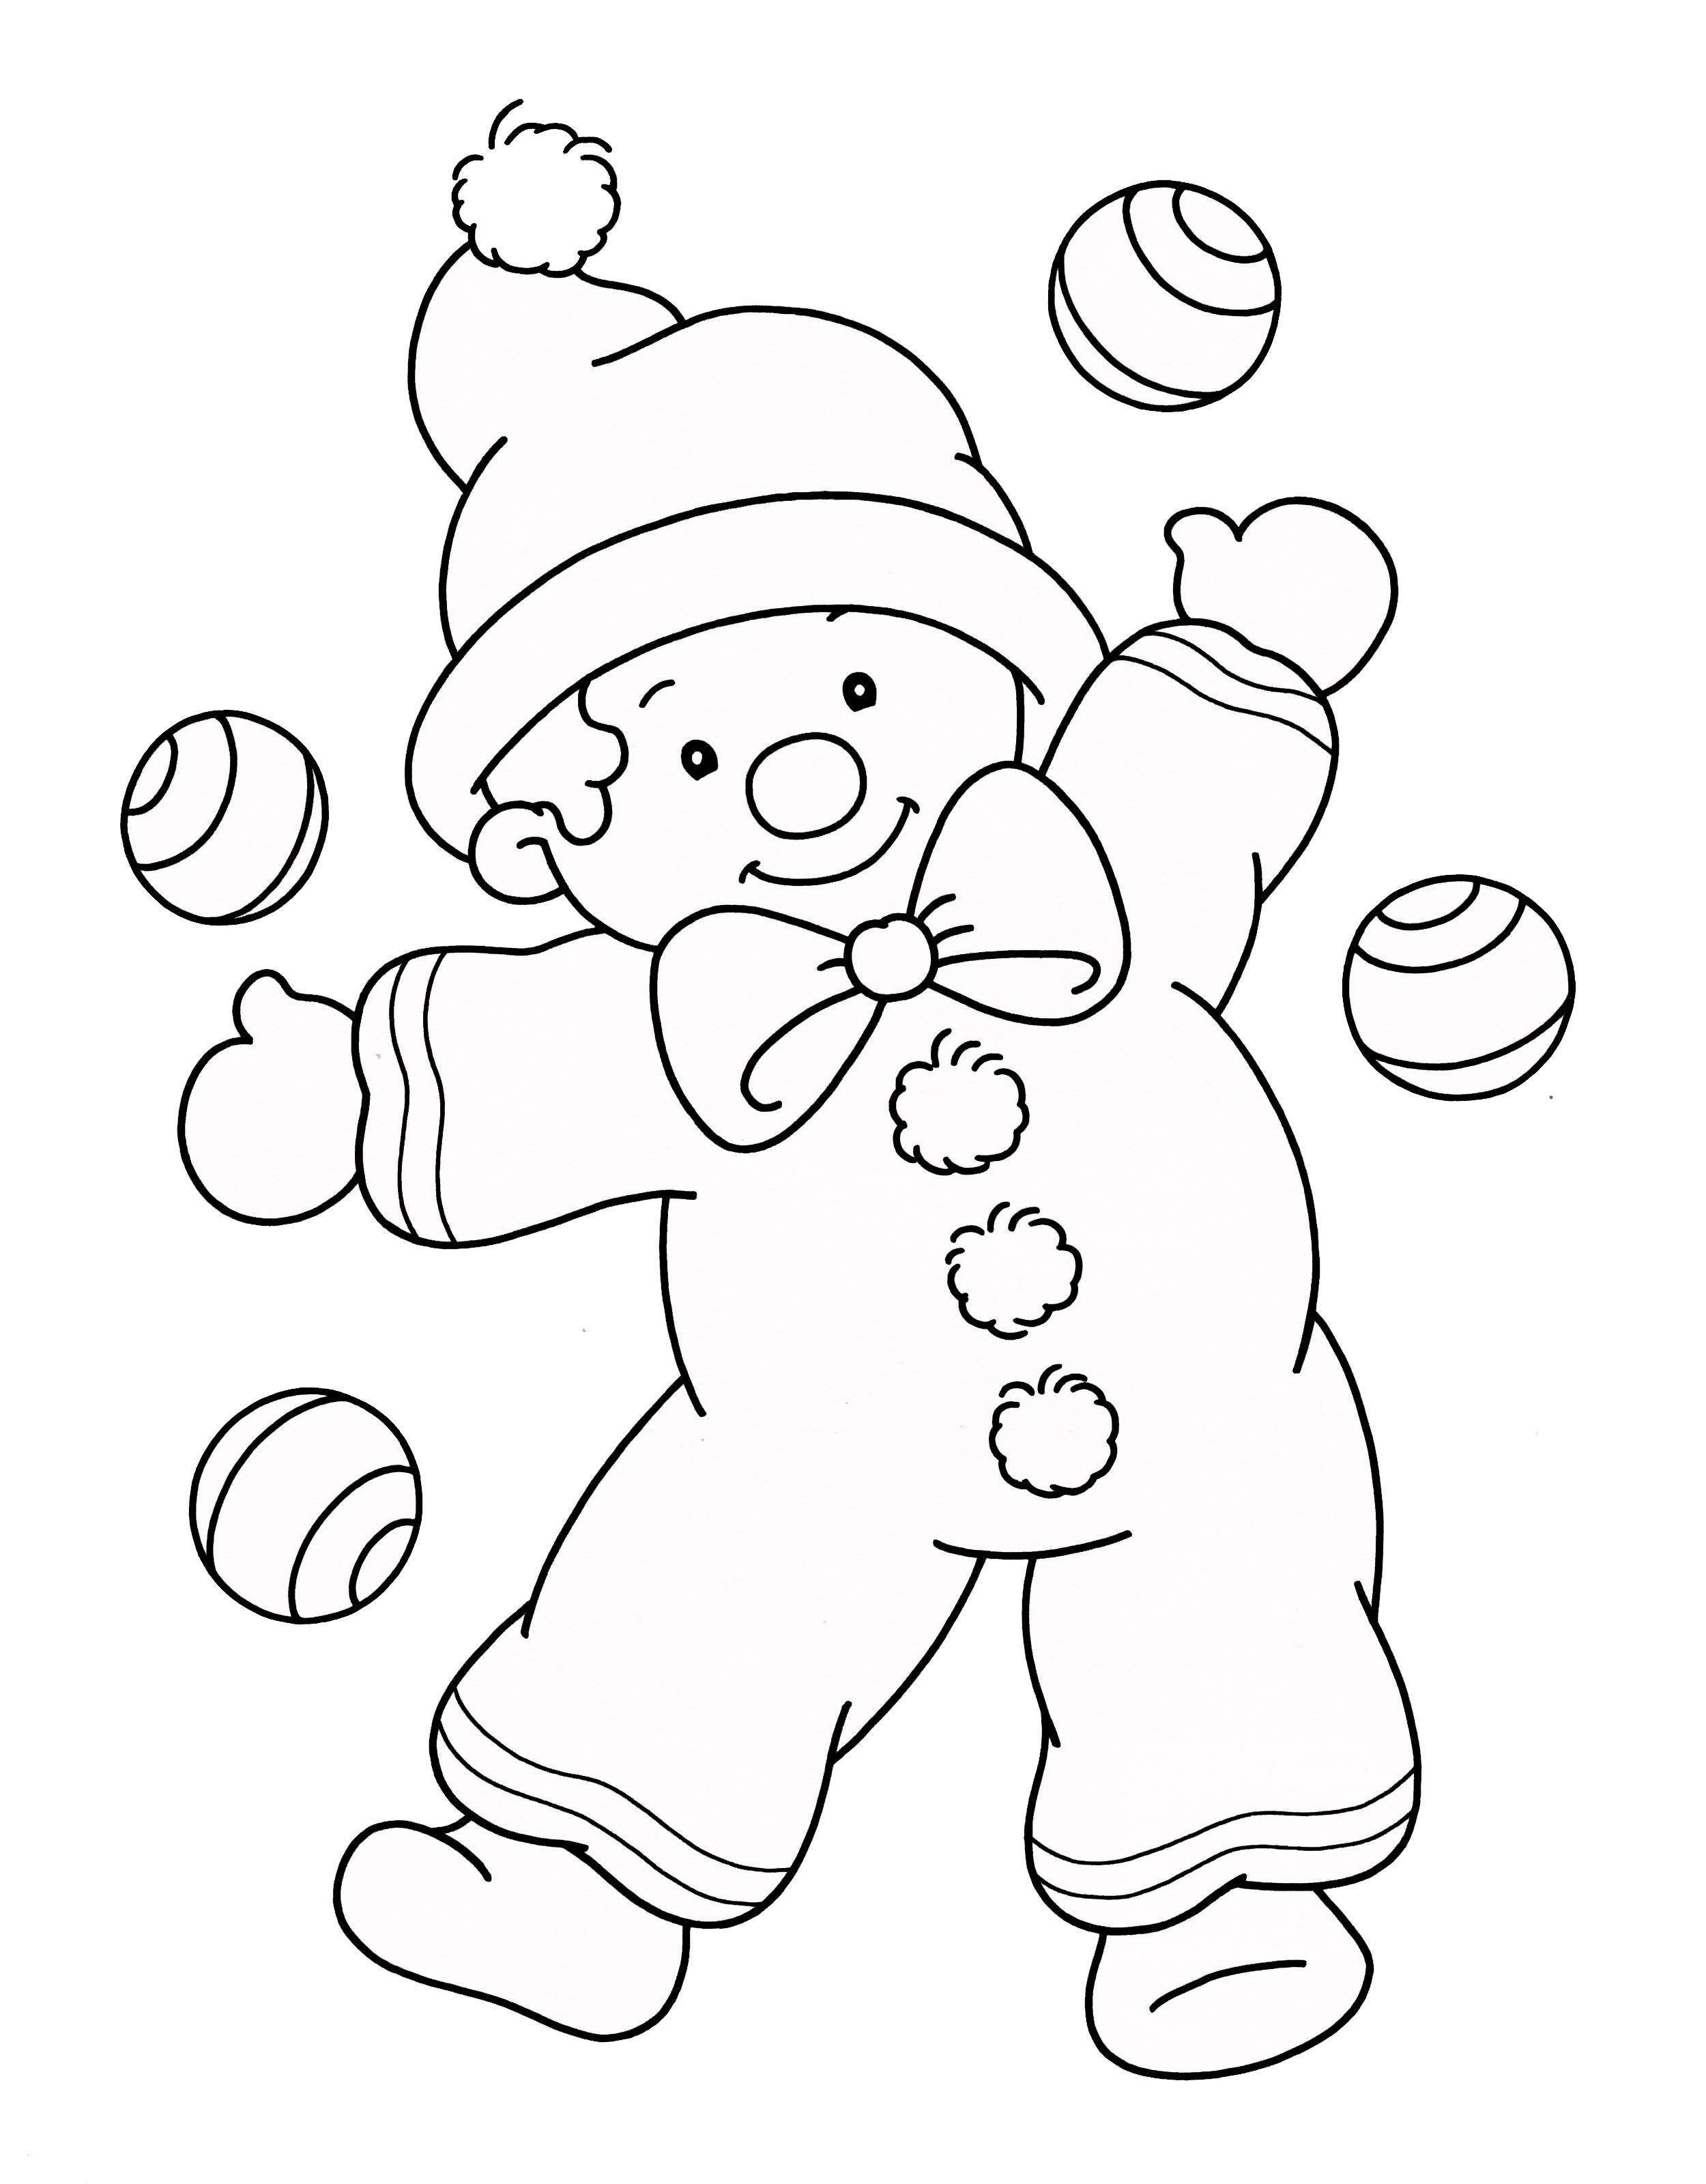 Weihnachtsmann Und Co Kg Ausmalbilder Frisch Ausmalbilder Weihnachtsmann Und Co Kg Schön Frisch Ausmalbilder Stock